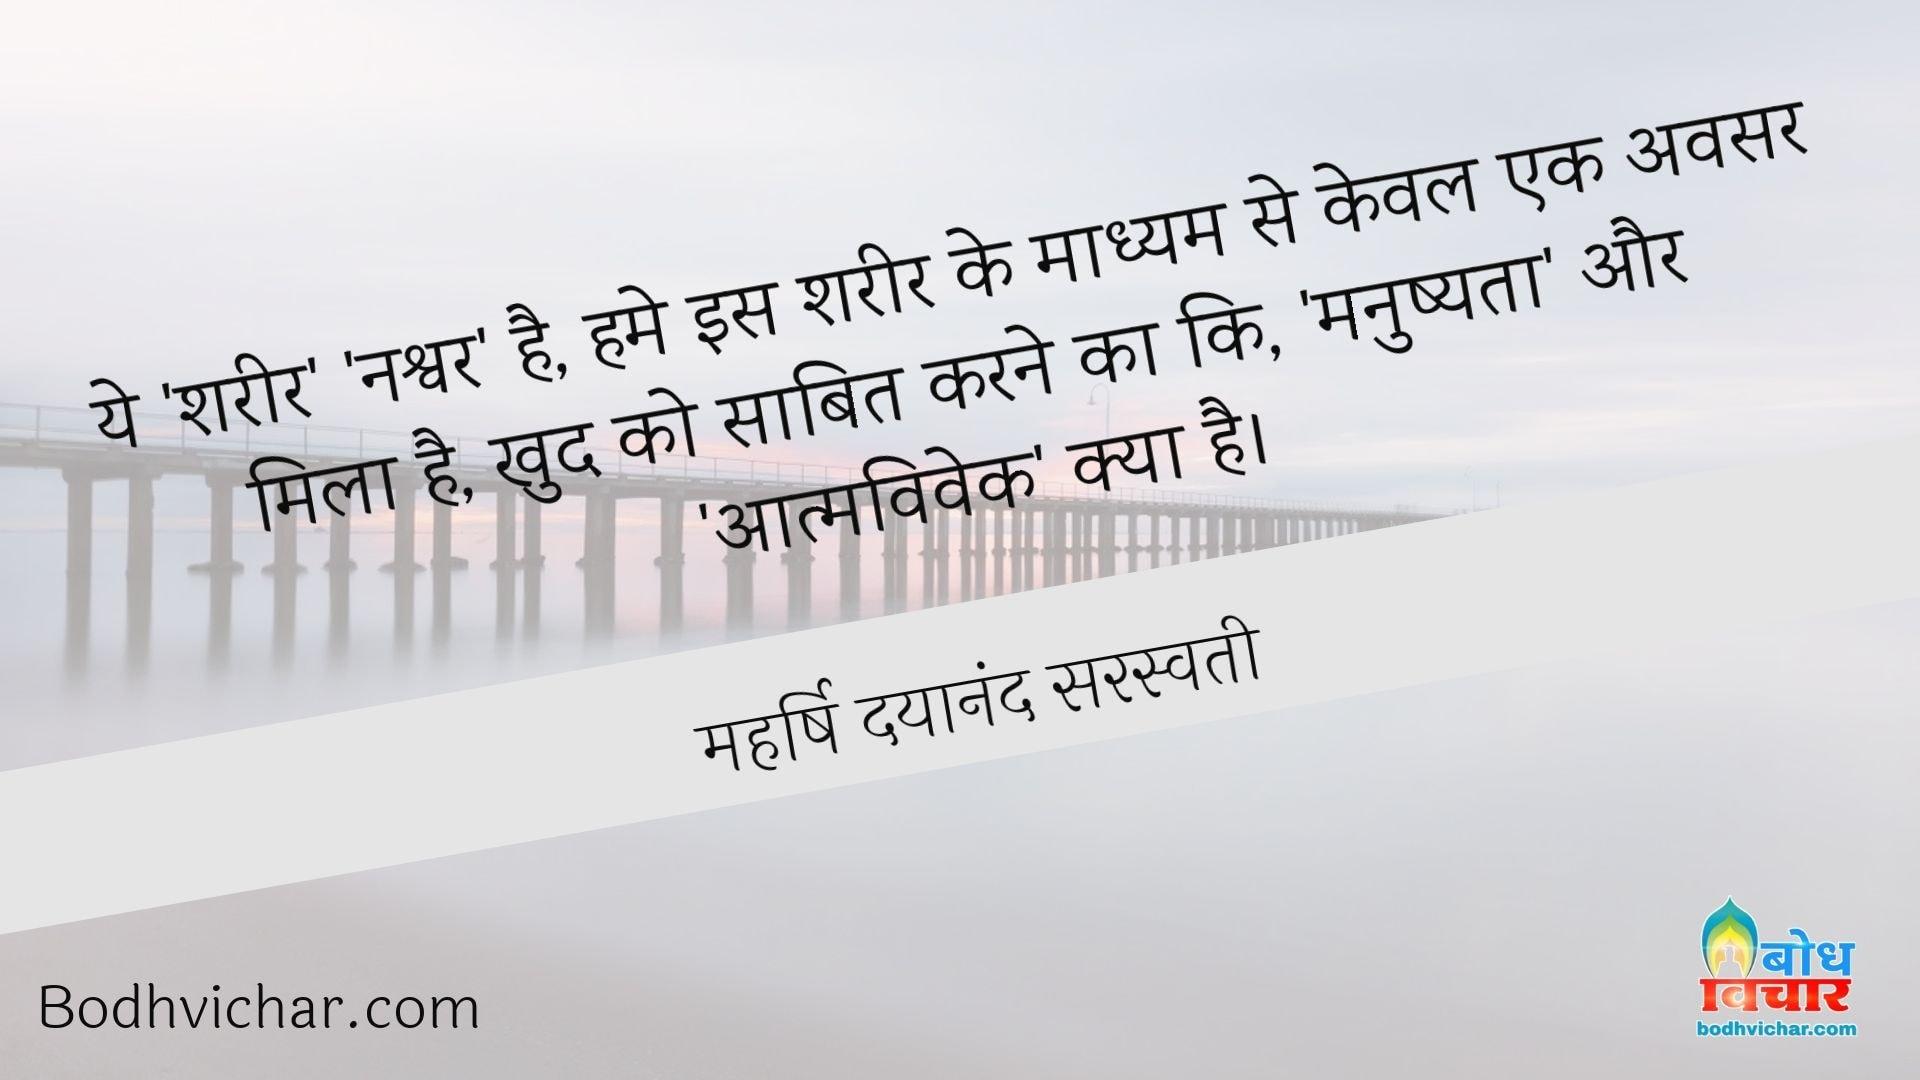 ये 'शरीर' 'नश्वर' है, हमे इस शरीर के माध्यम से केवल एक अवसर मिला है, खुद को साबित करने का कि, 'मनुष्यता' और 'आत्मविवेक' क्या है। : Ye shareer nashwar hai. humein is sharir ke madhyam se keval ek avsar mila hai khud ko saabit karne kaki manushyata aur aatmavivek kya hai - महर्षि दयानंद सरस्वती